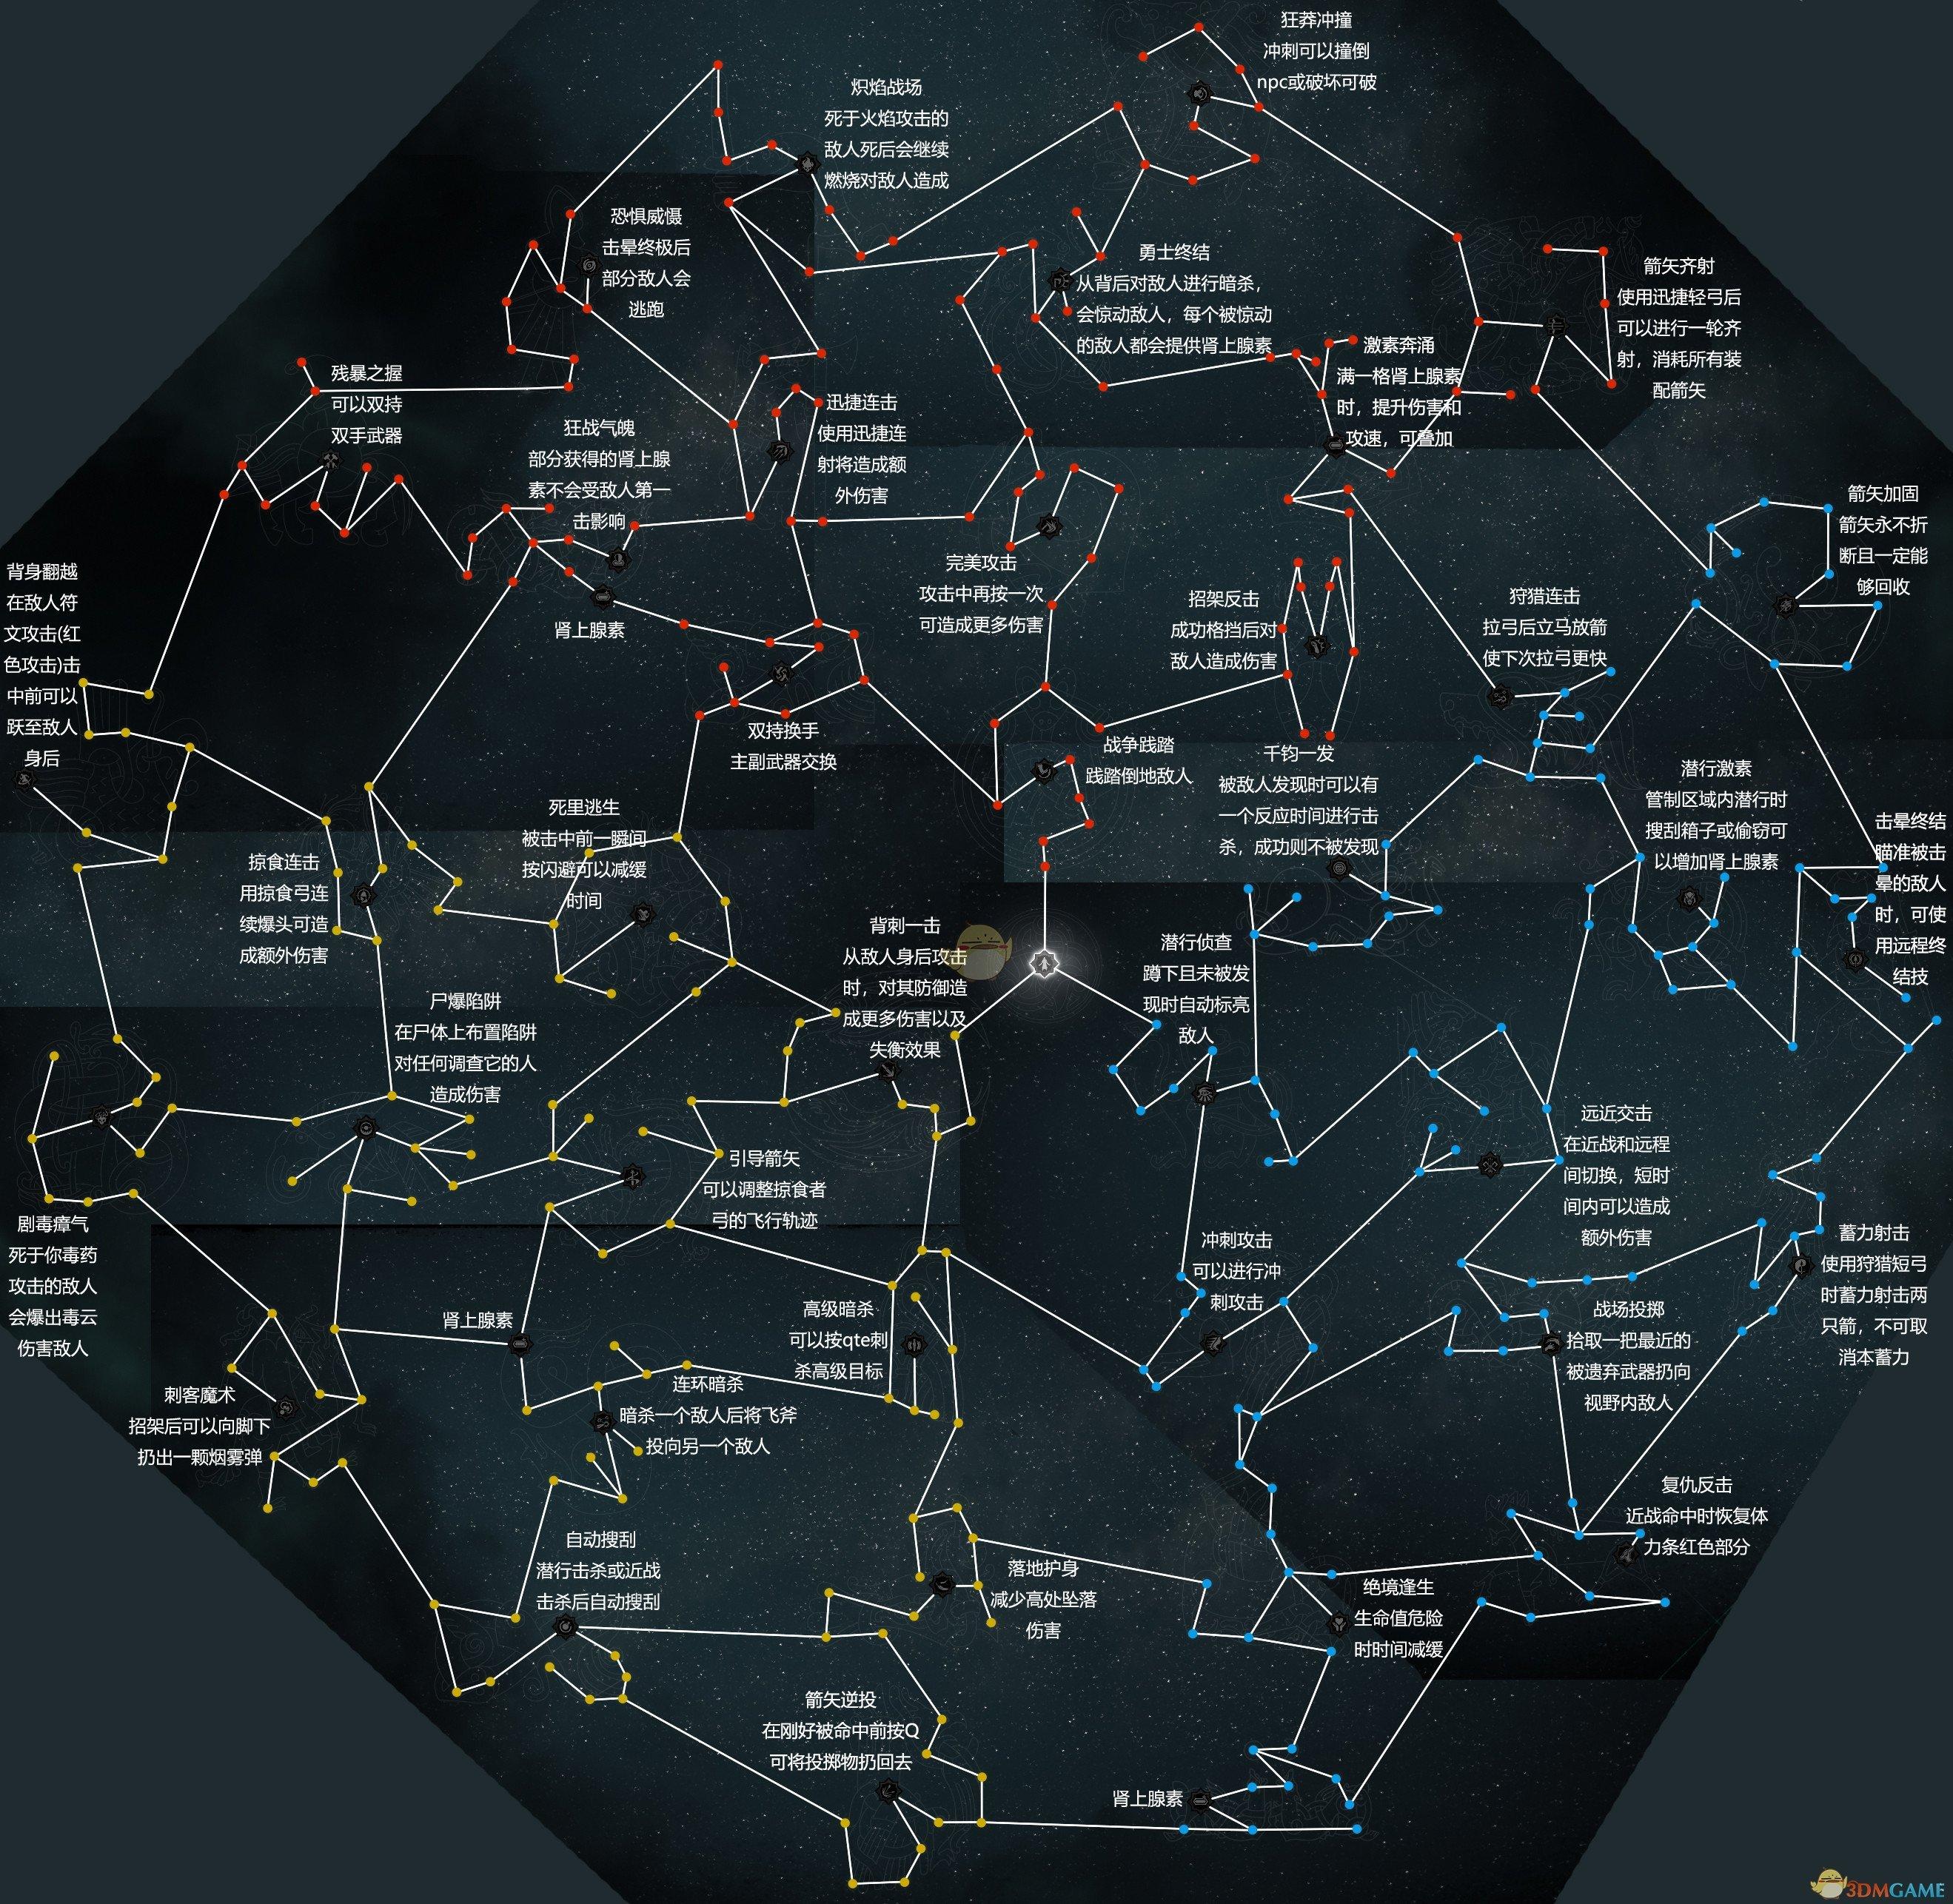 《刺客信条:英灵殿》全技能作用效果图解